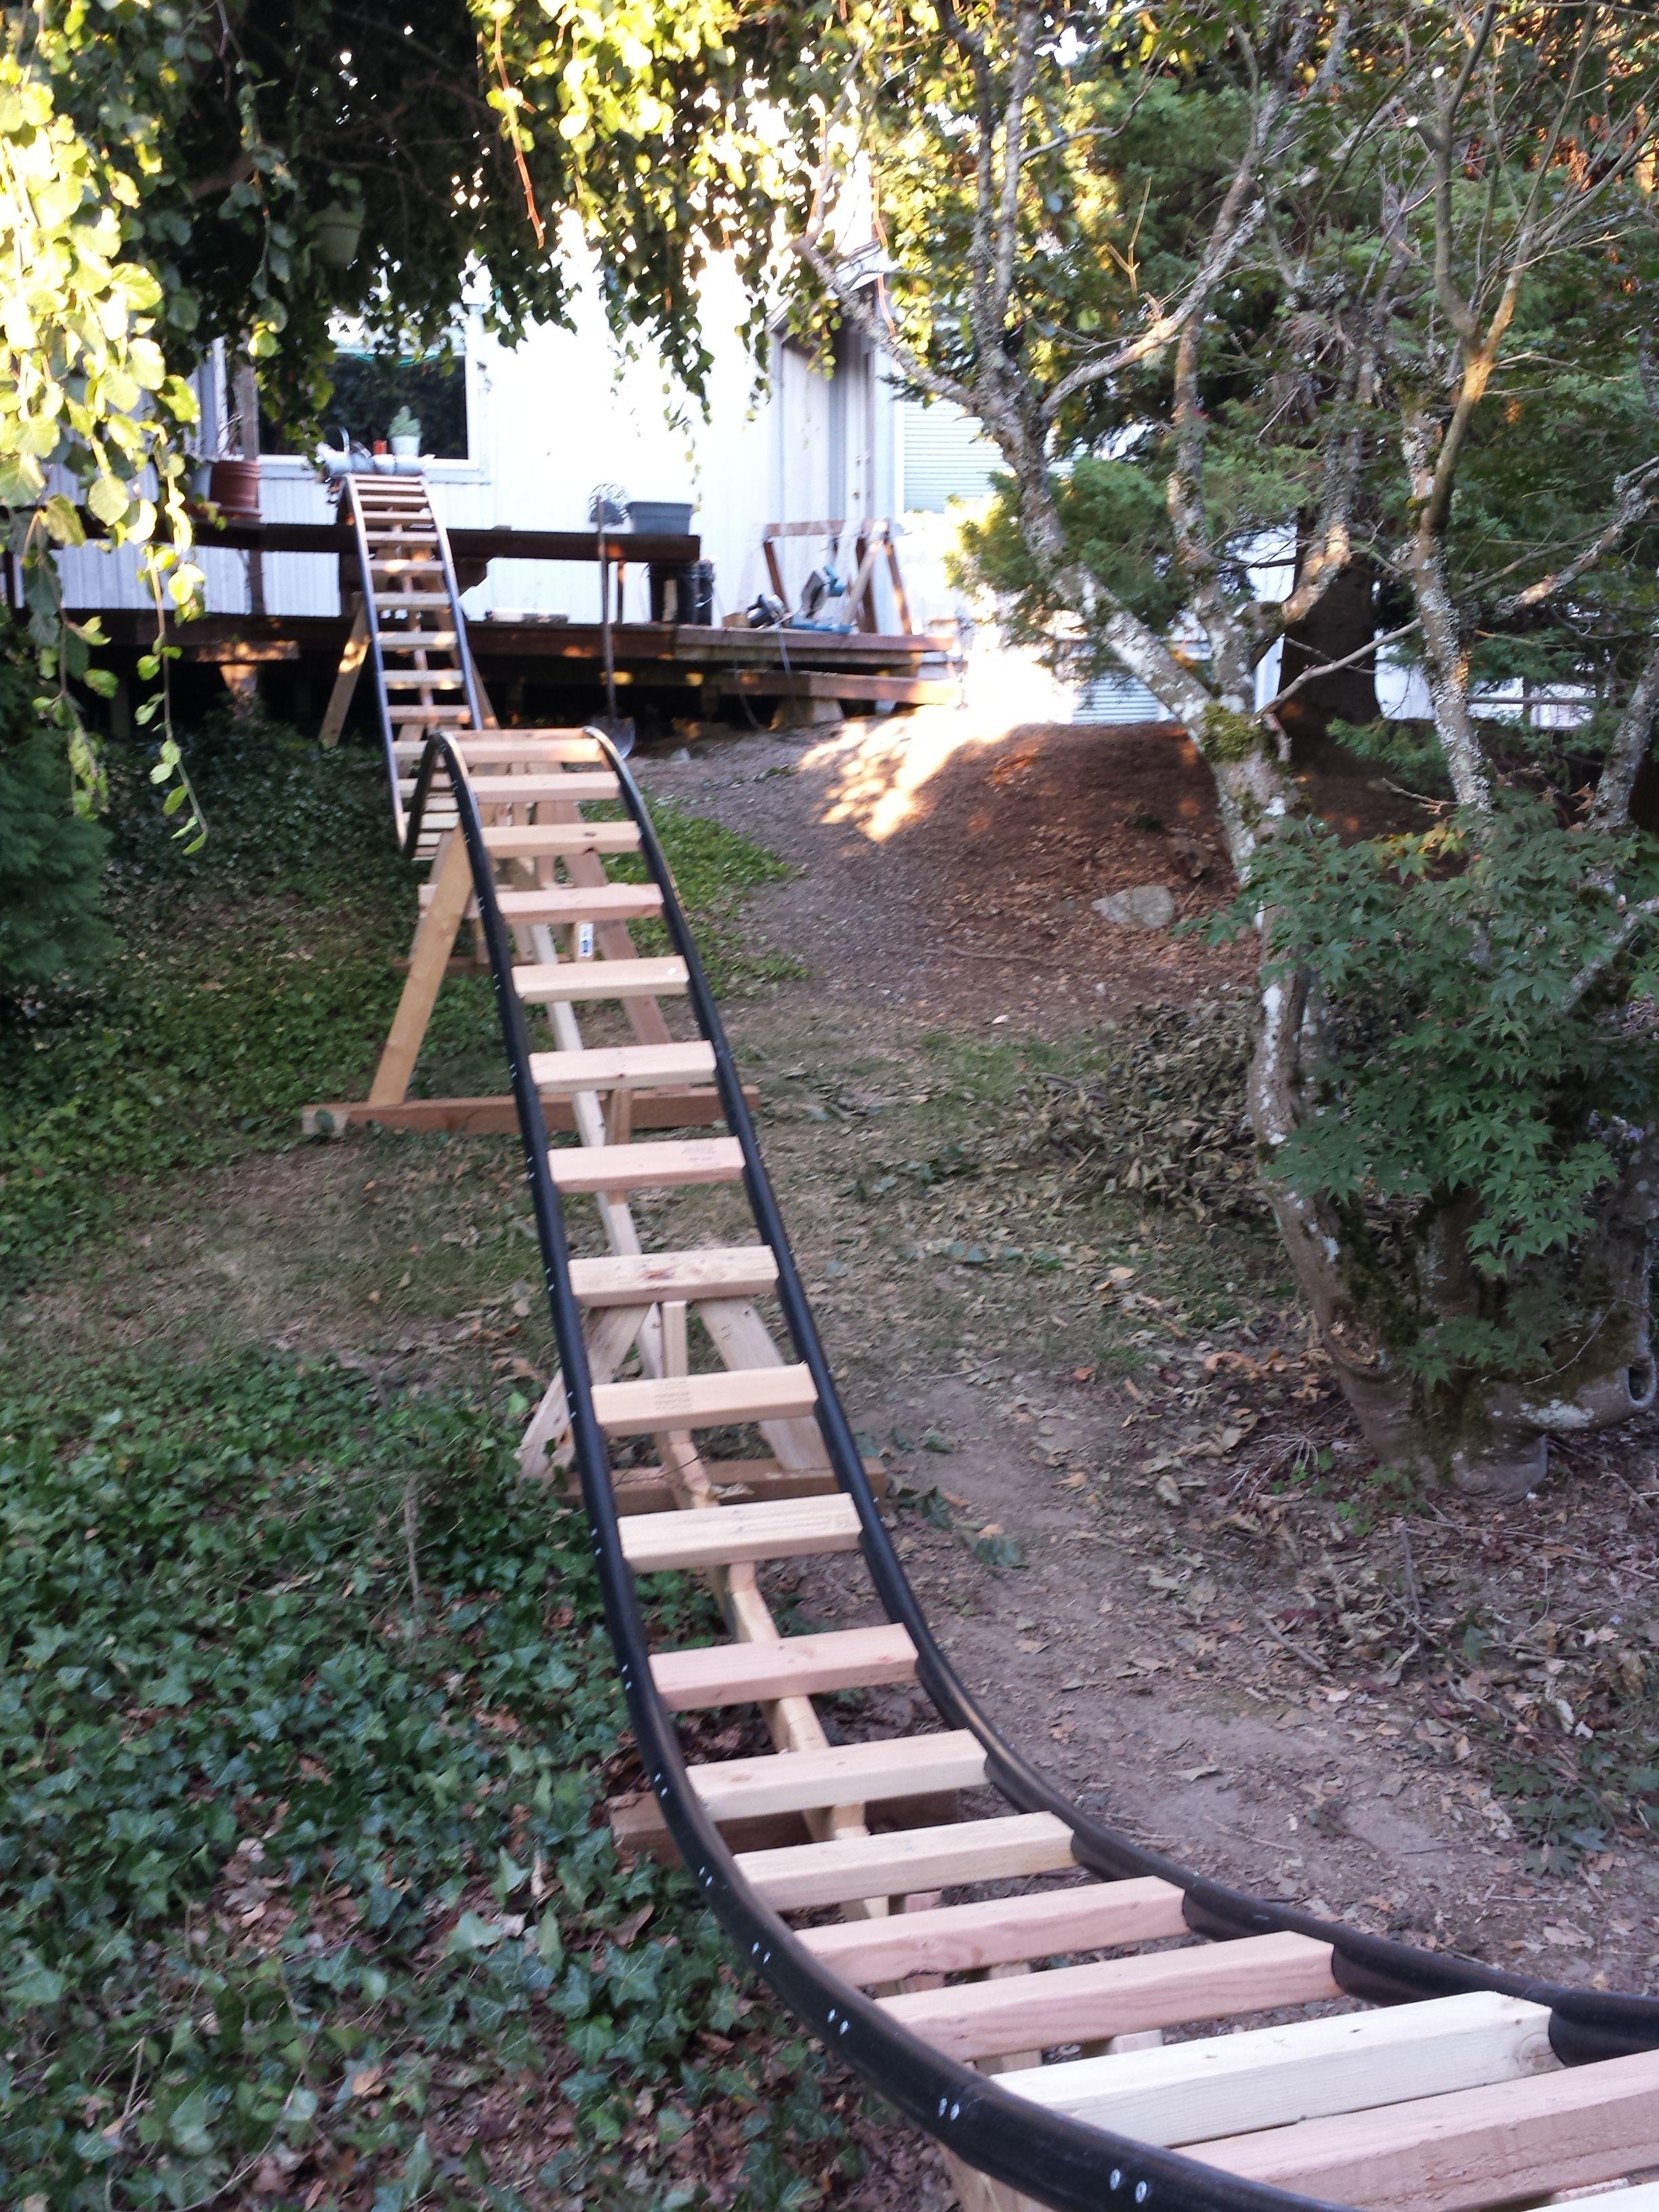 Out N Back Negative G Backyard Roller Coaster Backyard Renovations Backyard Toys Backyard Diy backyard roller coaster